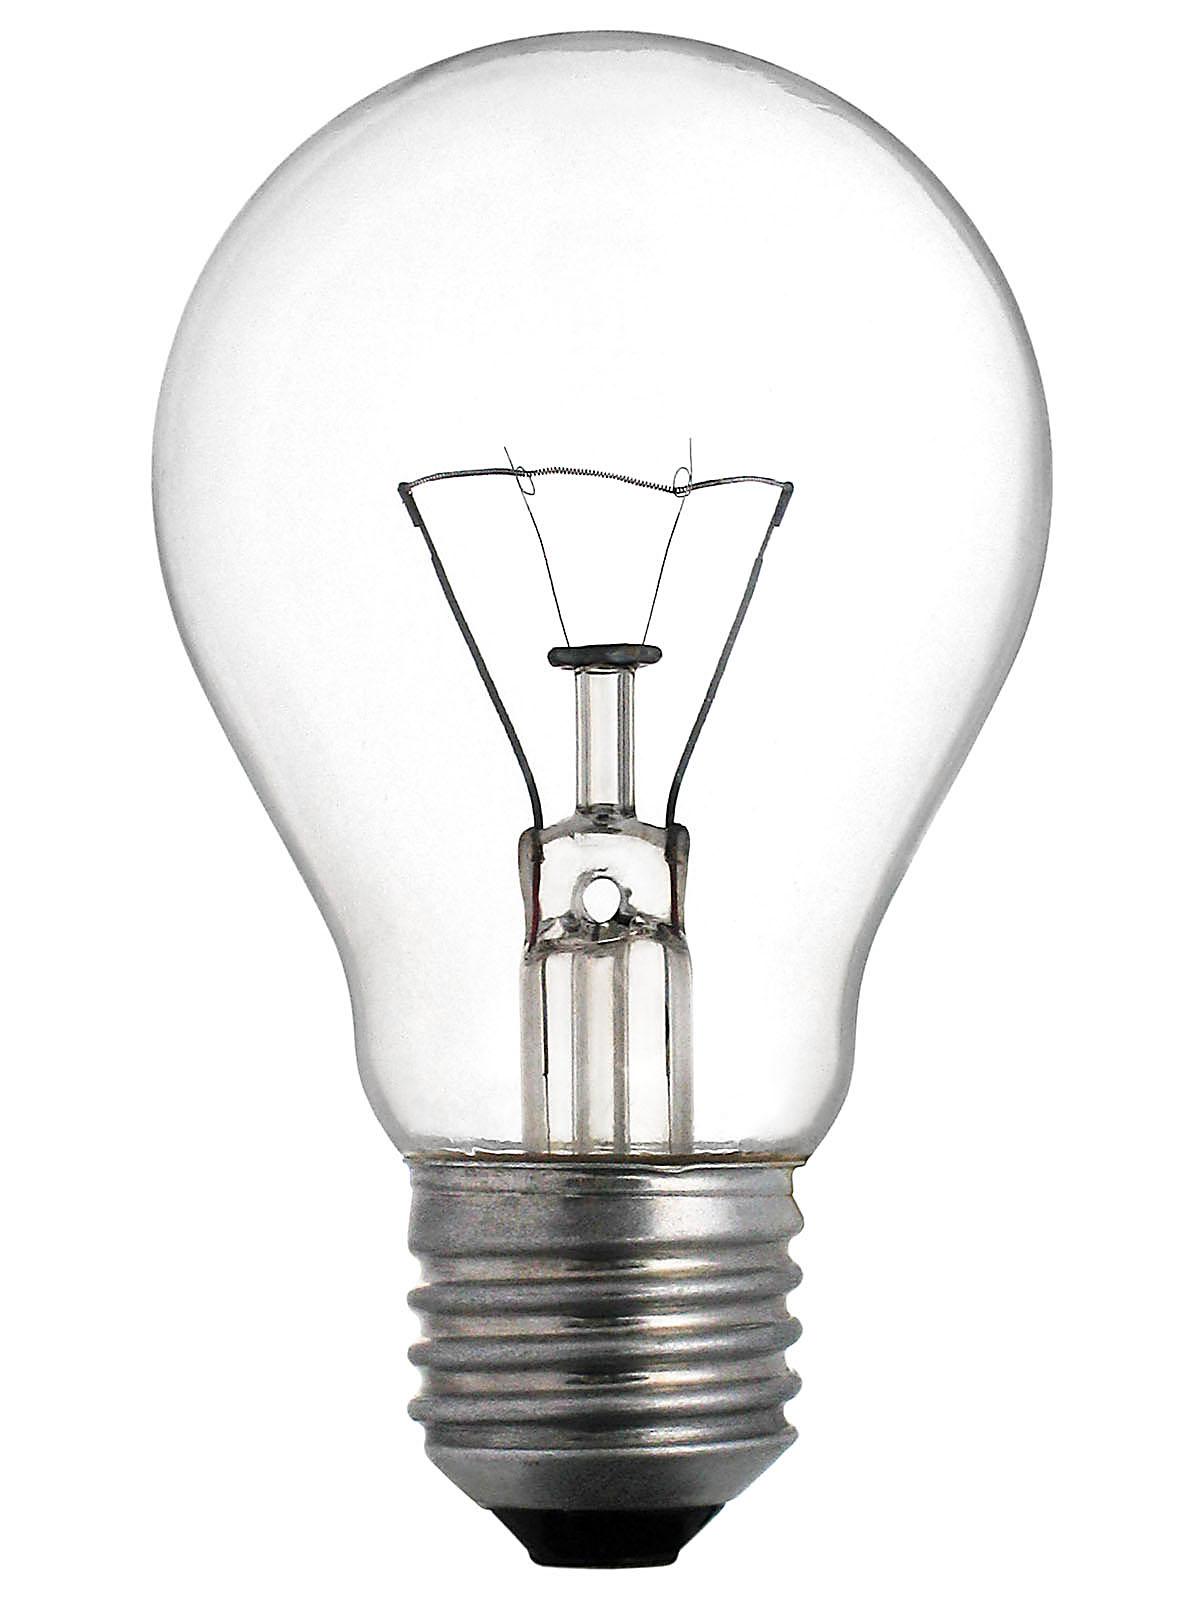 http://1.bp.blogspot.com/-Ye333PLgKjM/T8zrpOI2f1I/AAAAAAAAAbY/9Cn-fQd4pEg/s1600/normal-light-bulb.jpg